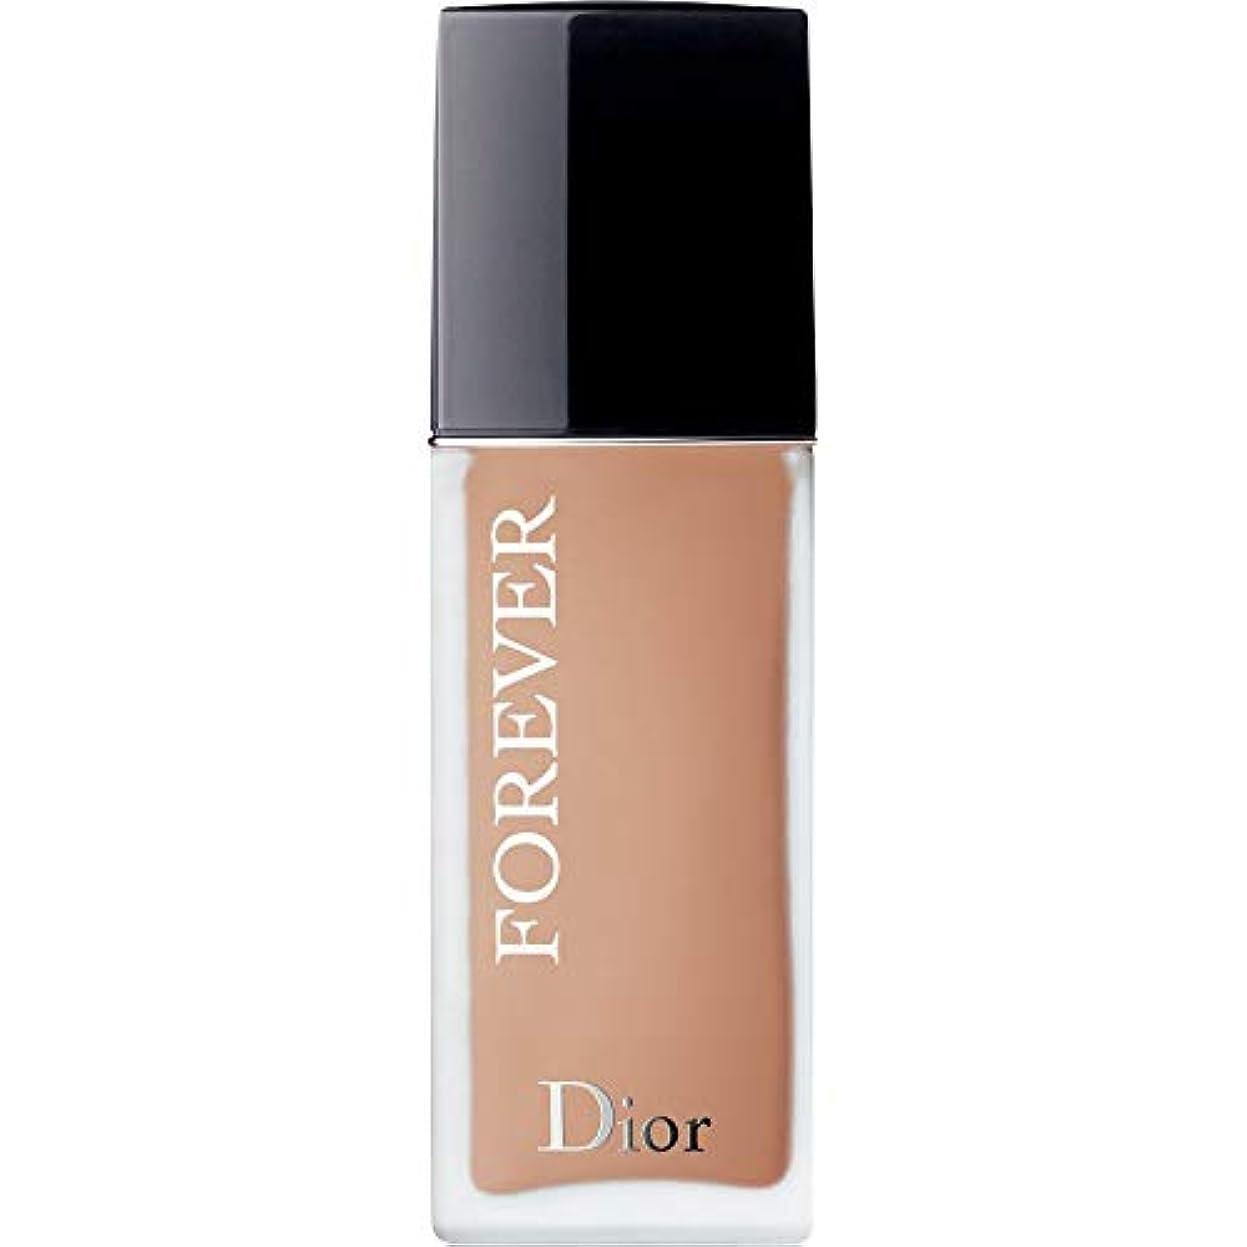 海港ポップ書き出す[Dior ] ディオール永遠皮膚思いやりの基礎Spf35 30ミリリットル4Cを - クール(つや消し) - DIOR Forever Skin-Caring Foundation SPF35 30ml 4C - Cool...